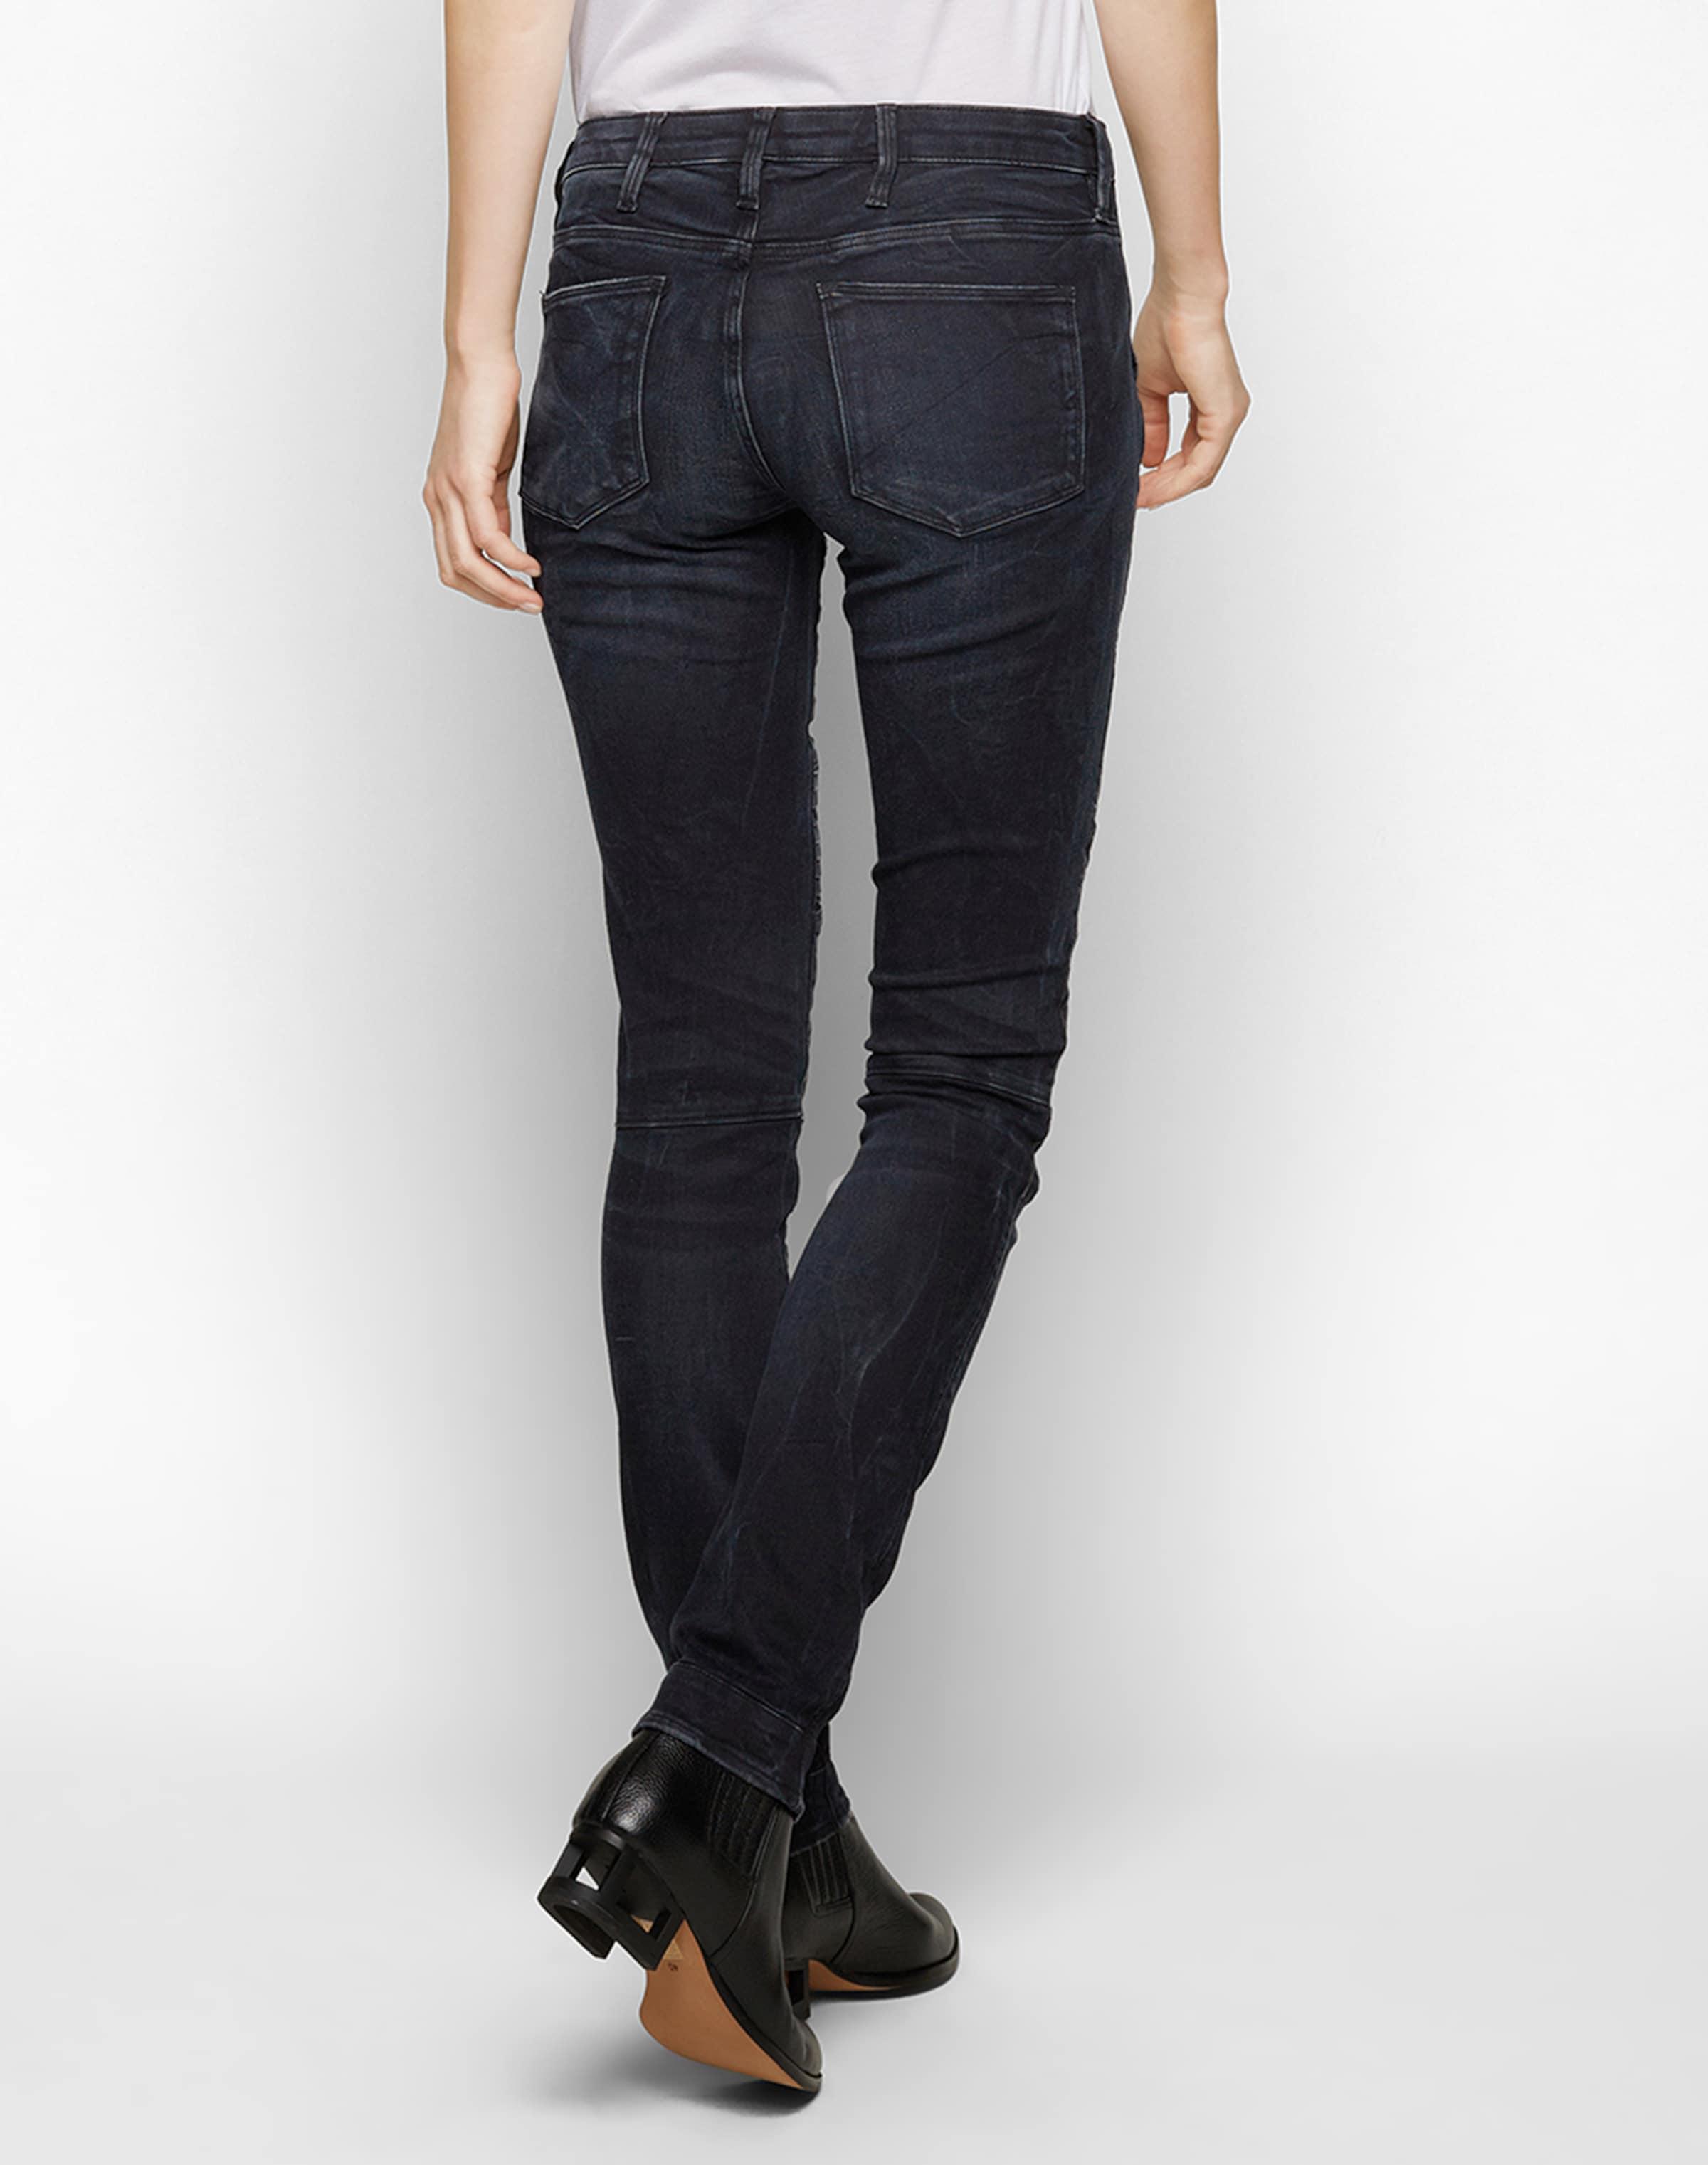 G-STAR RAW '5620 Custom Mid Skinny' Jeans Billige Bilder Spielraum Billig Bester Großhandel Zu Verkaufen Rabatt 100% Authentische tS8S9a2d